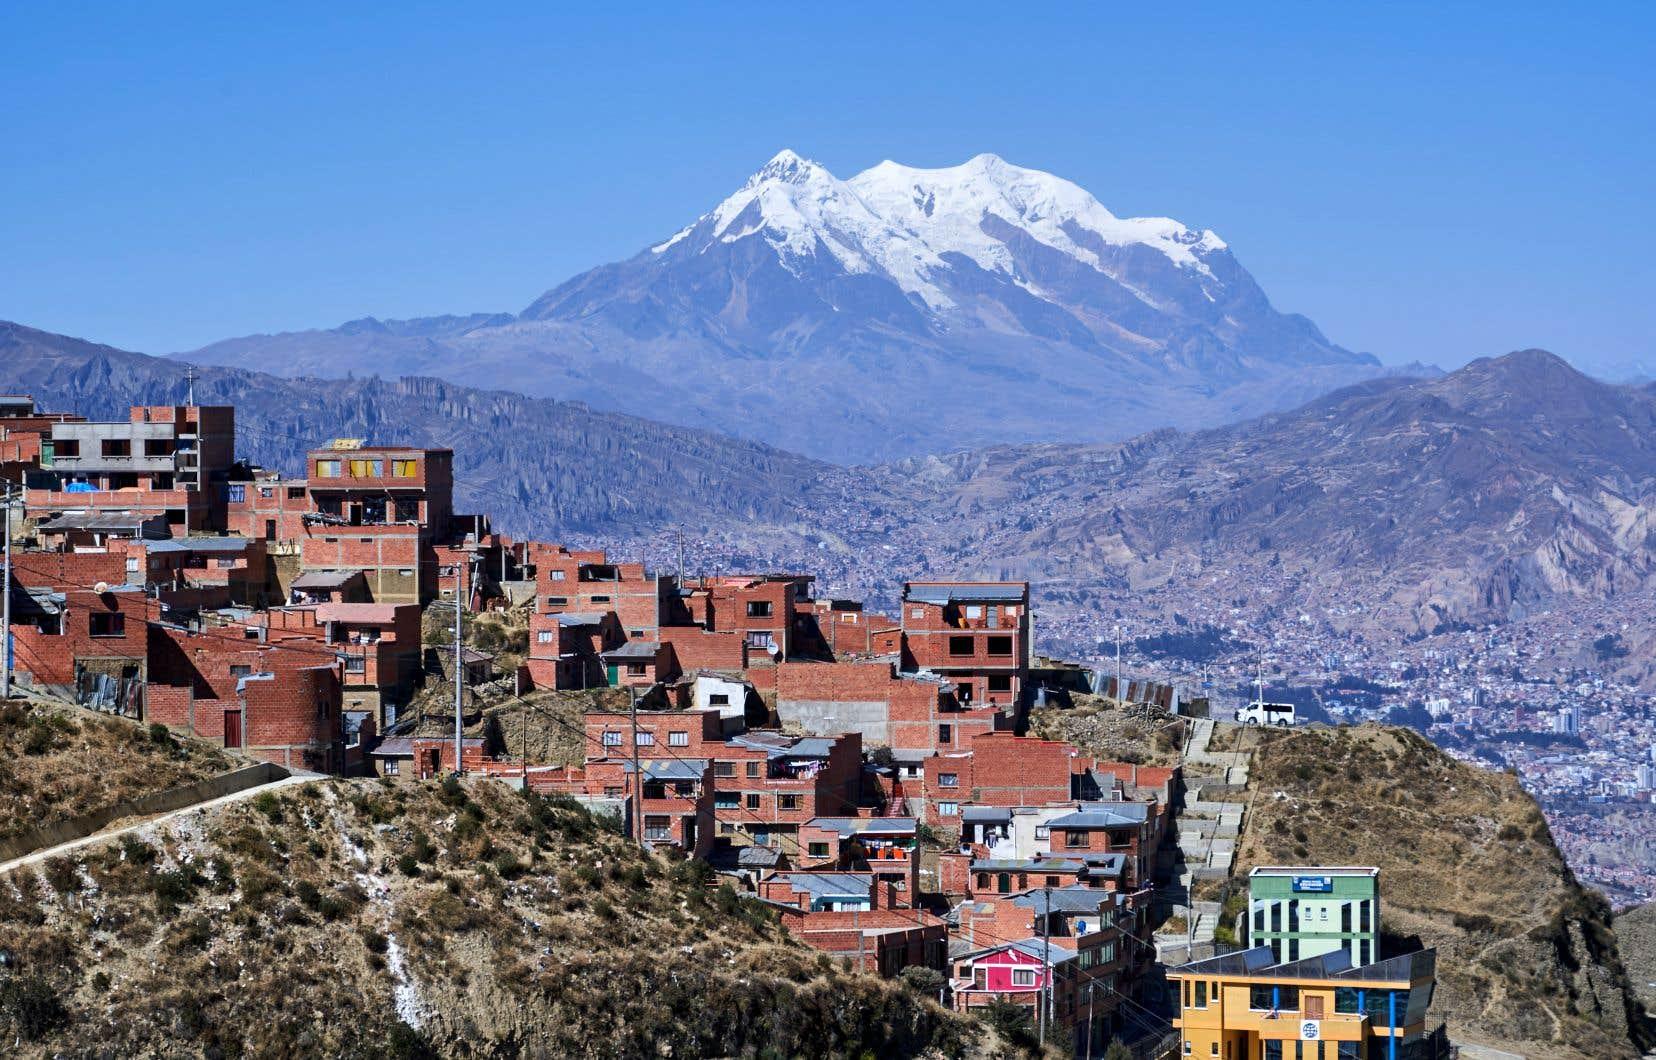 La Paz, en Bolivie, devant le sommet du Nevado Illimani